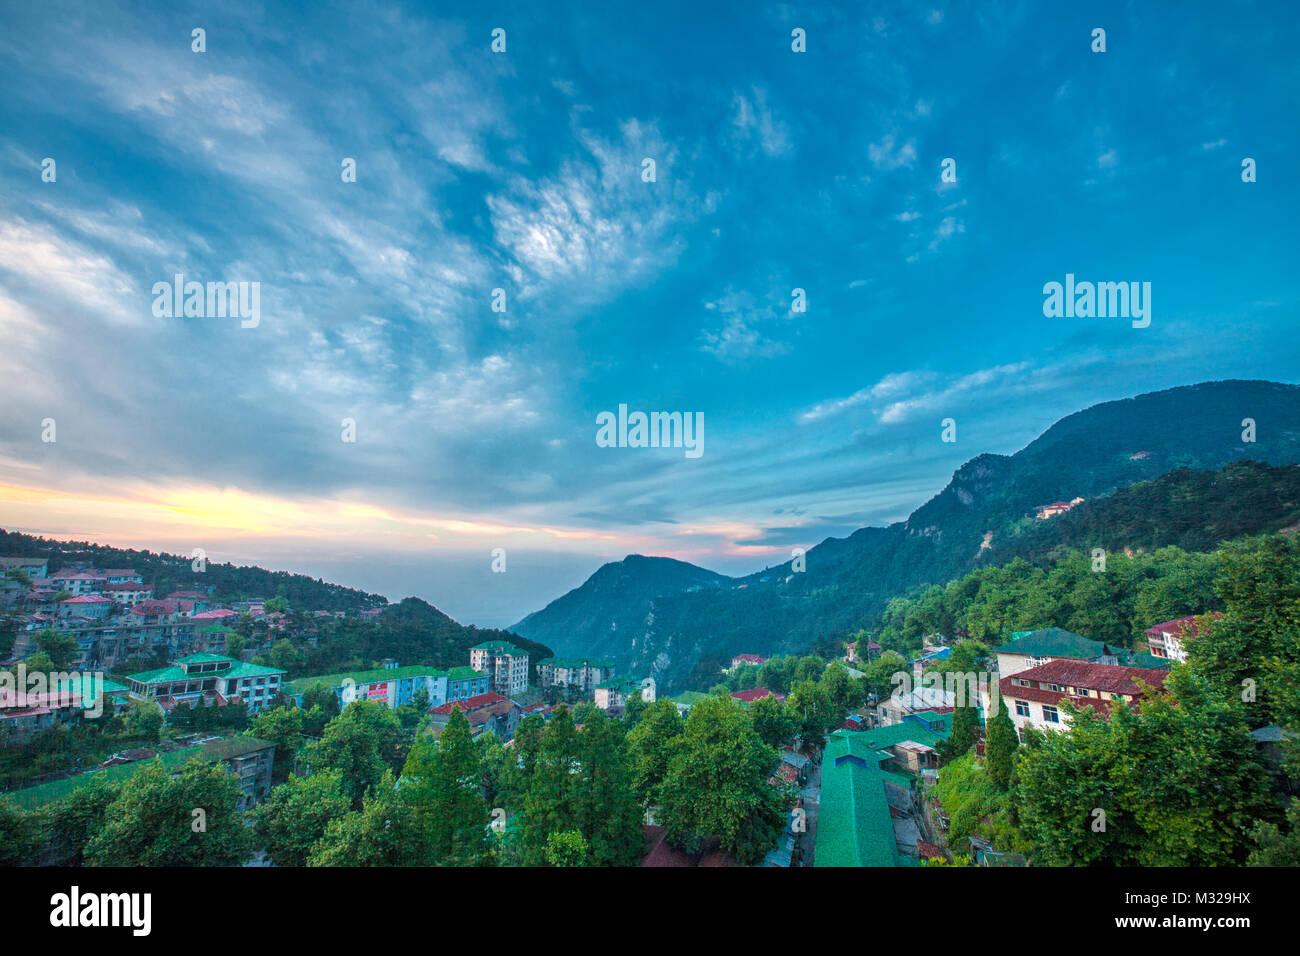 Mount Lu in Jiangxi, Jiujiang - Stock Image